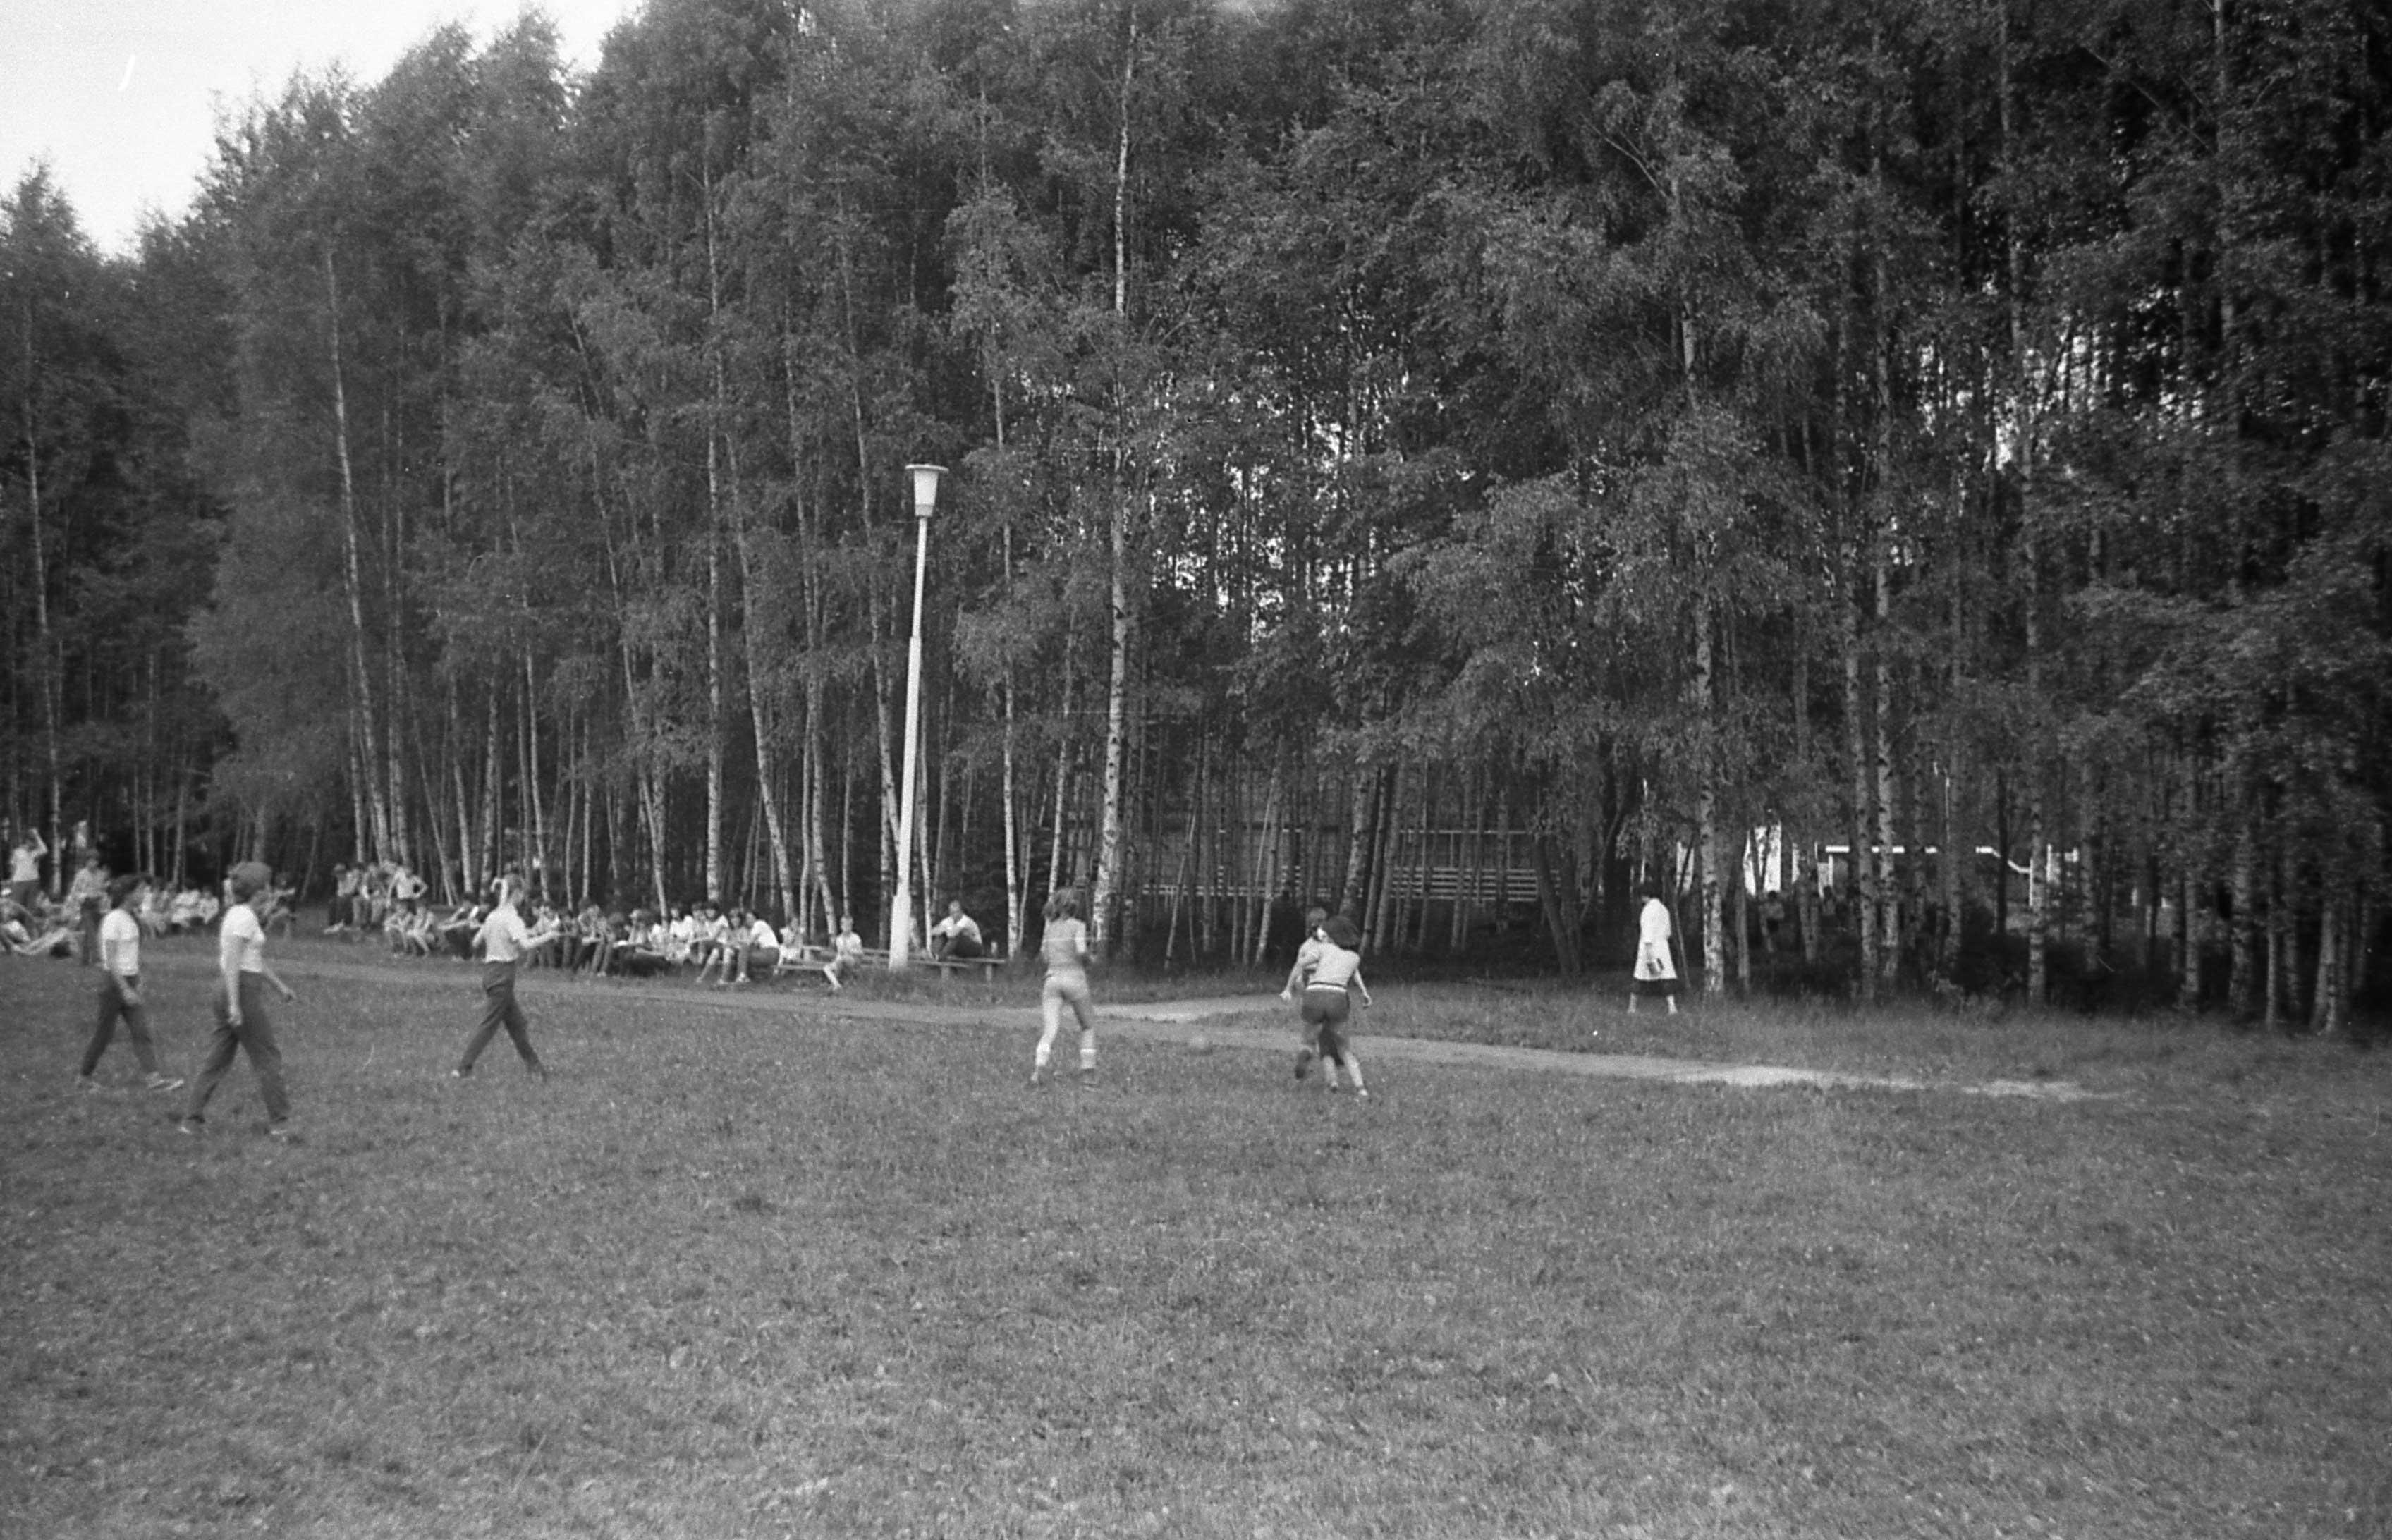 http://www.repetitorius.ru/images/wfootball/0046.jpg